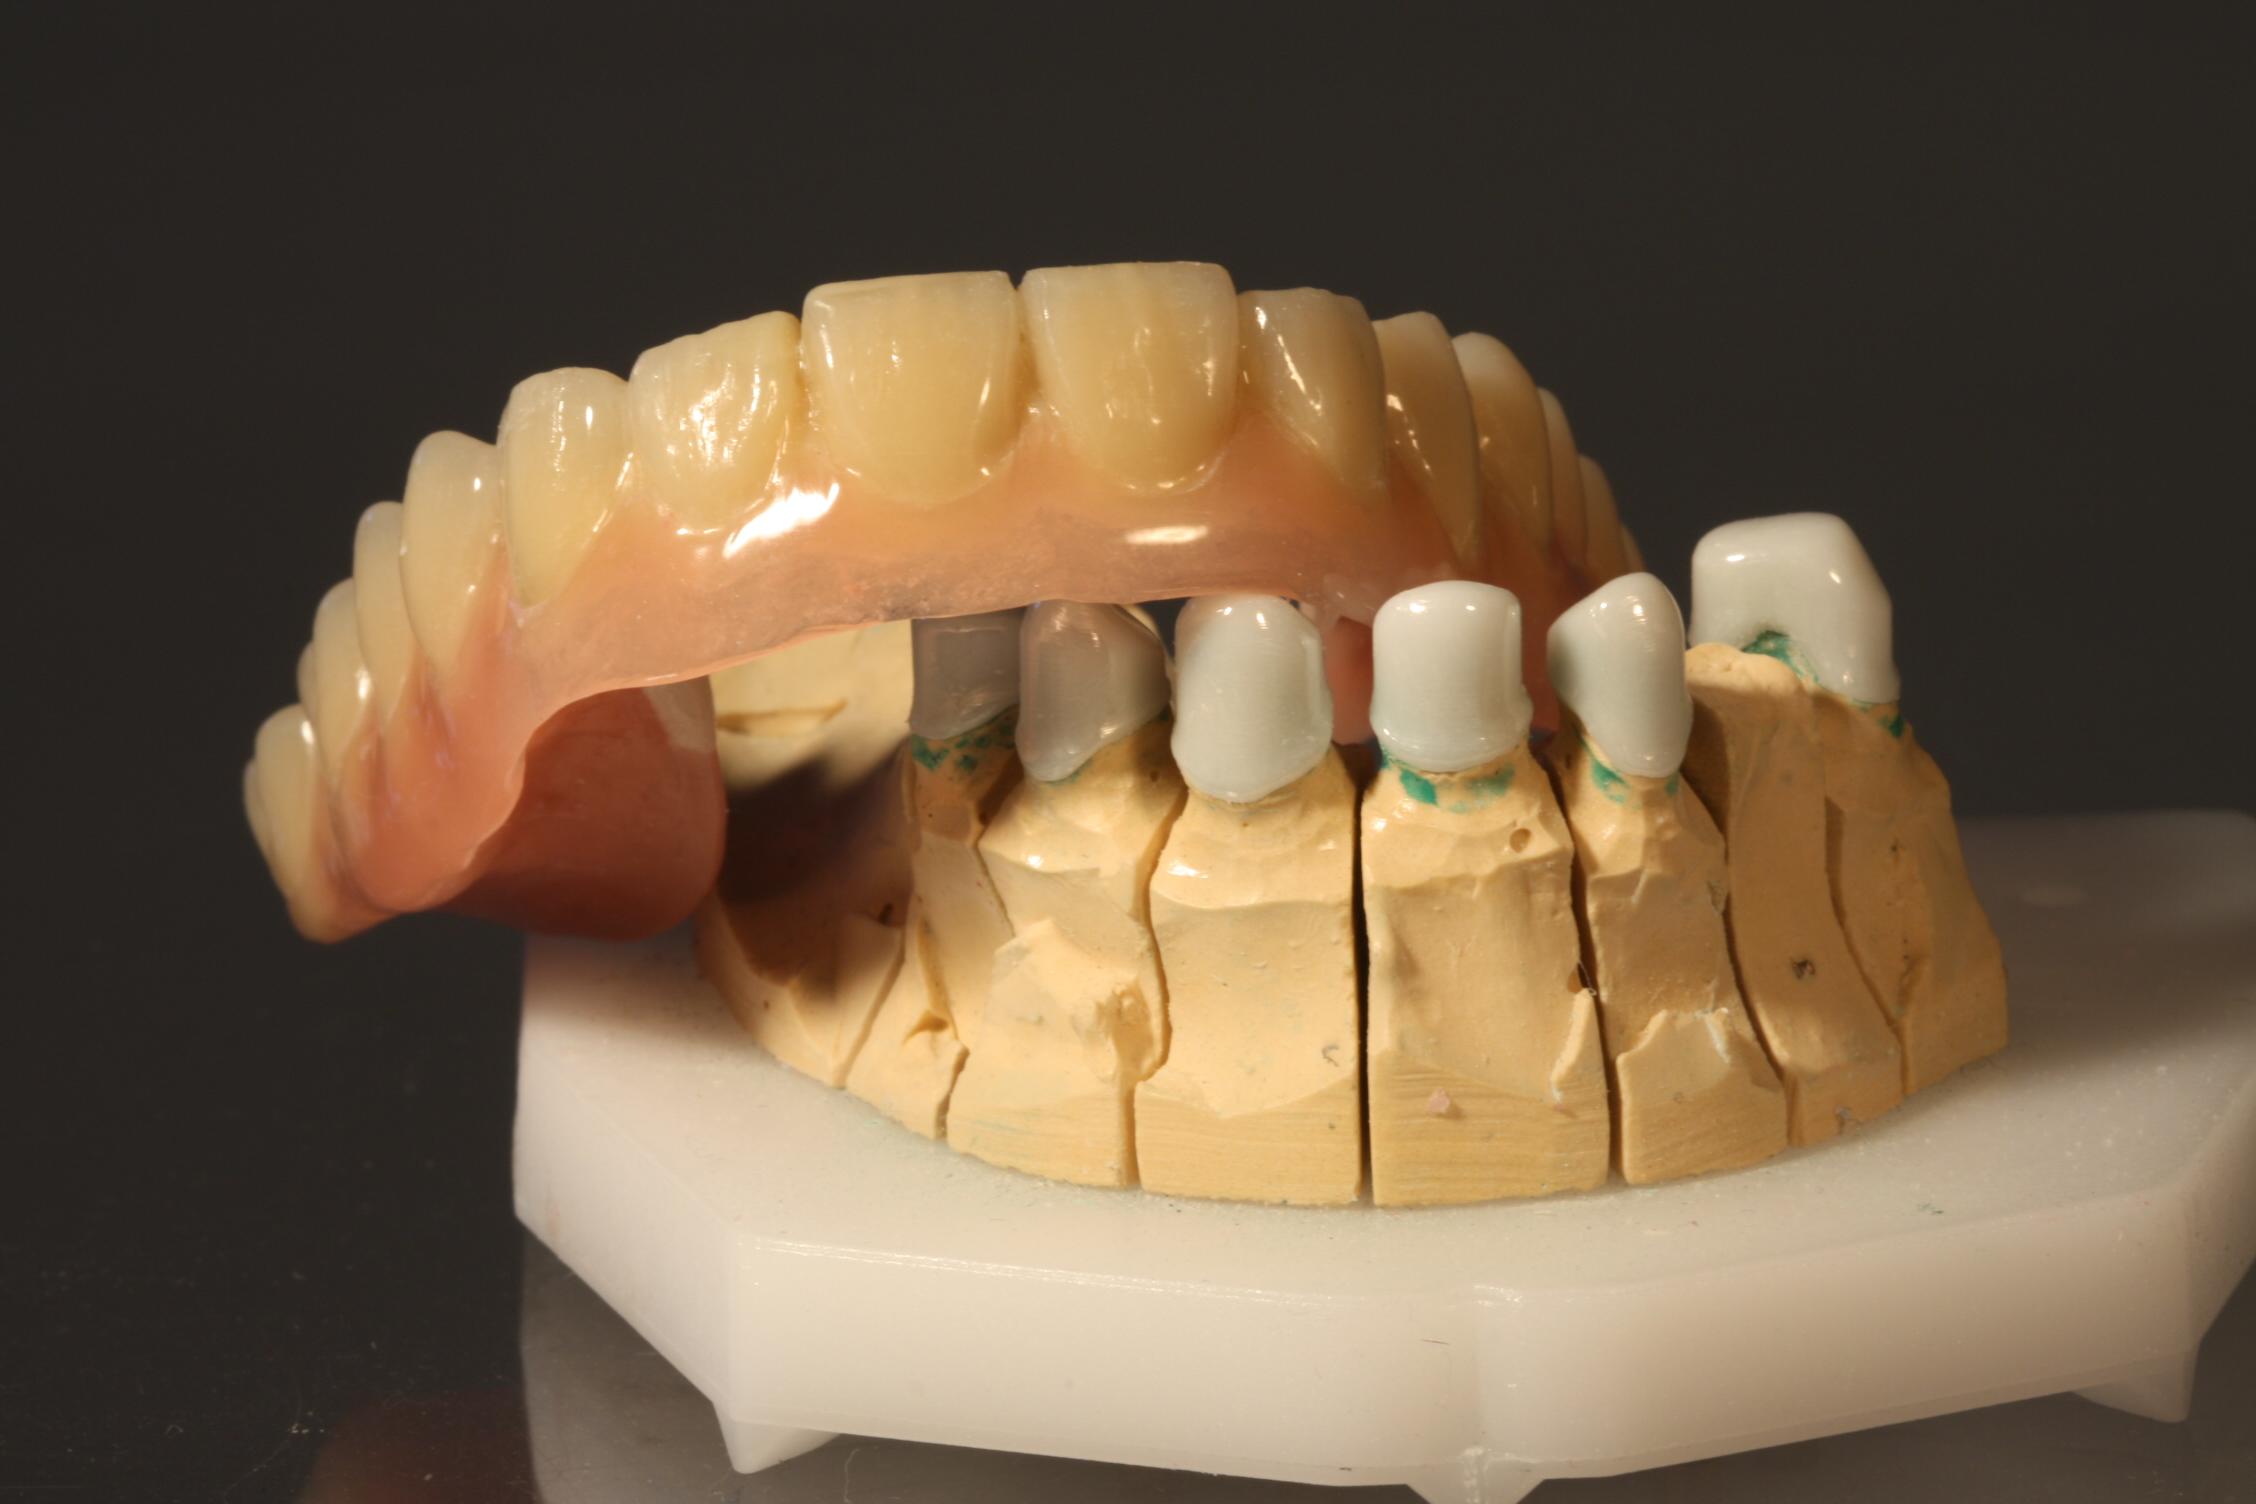 Zahnersatz aus Hochleistungs-Kunststoff - nicht nur eine Alternative f#xFCr Allergiker